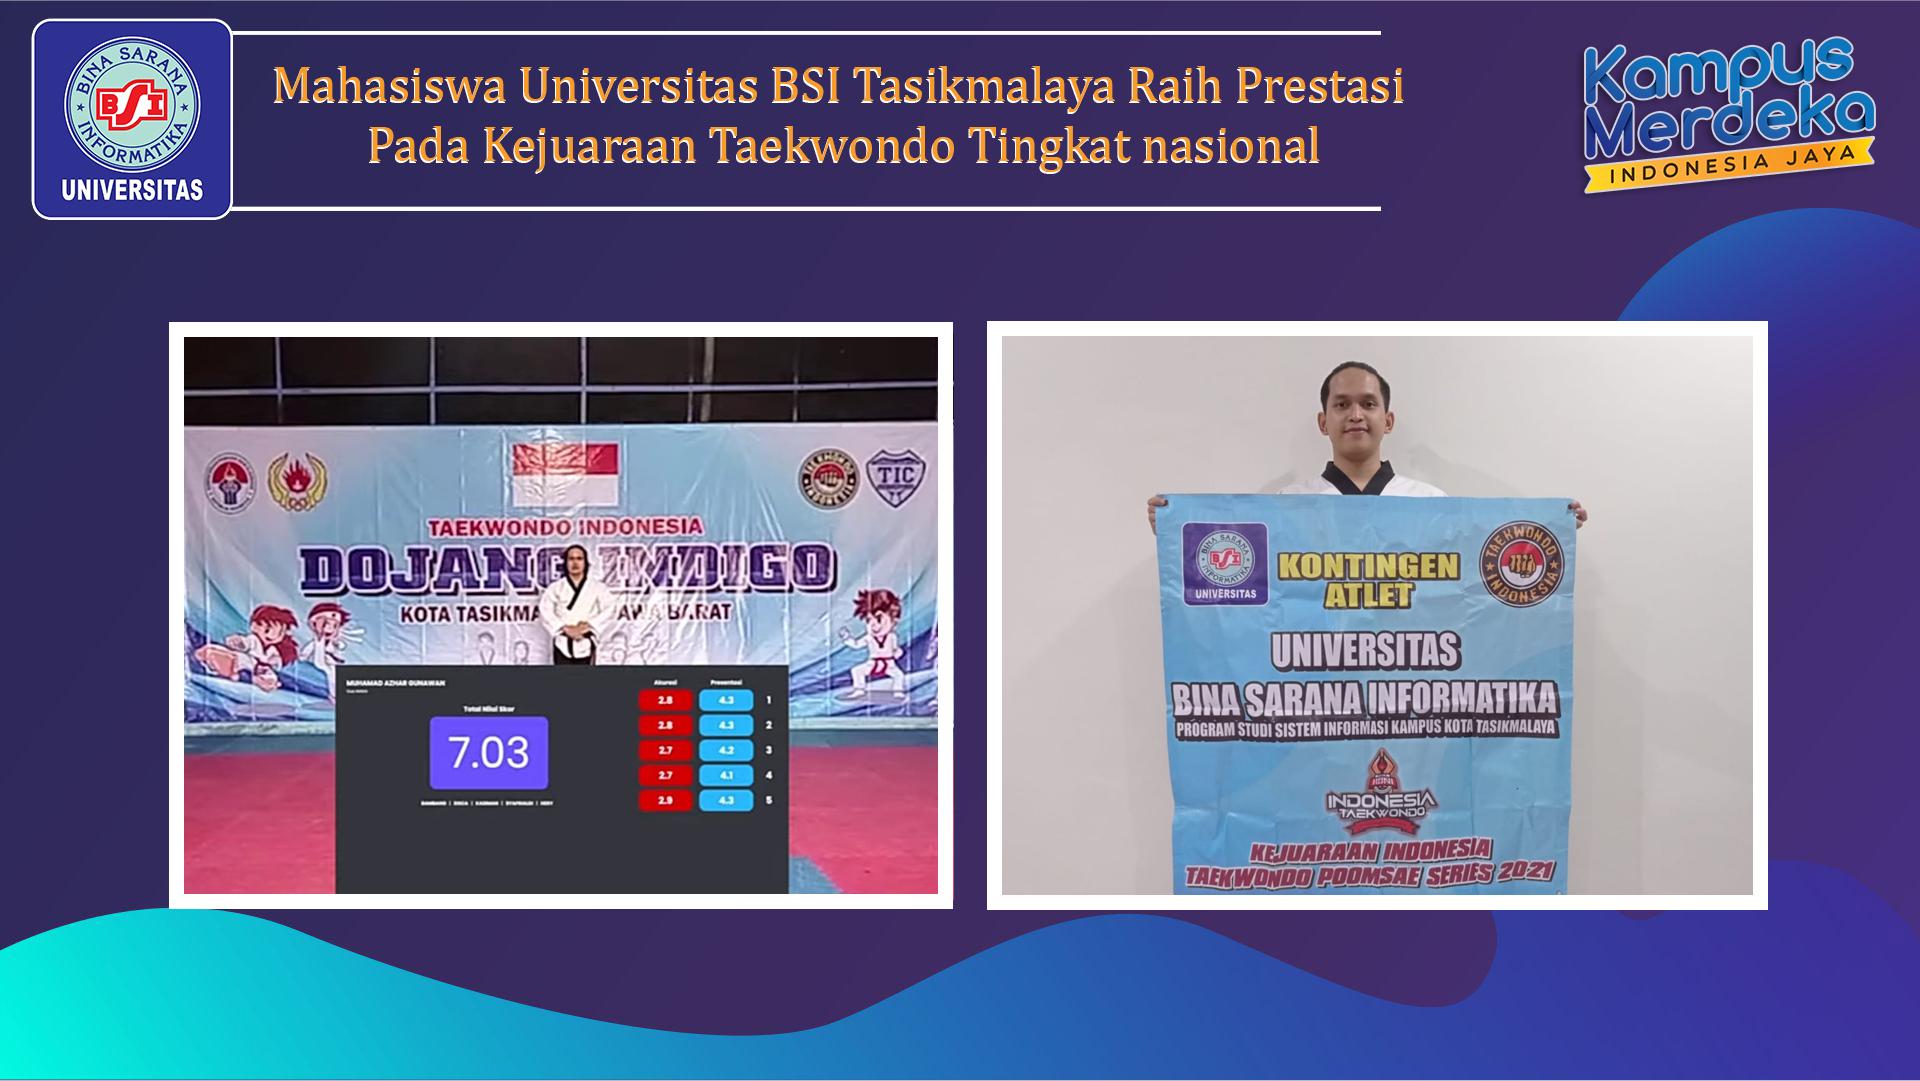 Mahasiswa Universitas BSI Tasikmalaya Raih Prestasi Pada Kejuaraan Taekwondo Tingkat nasional